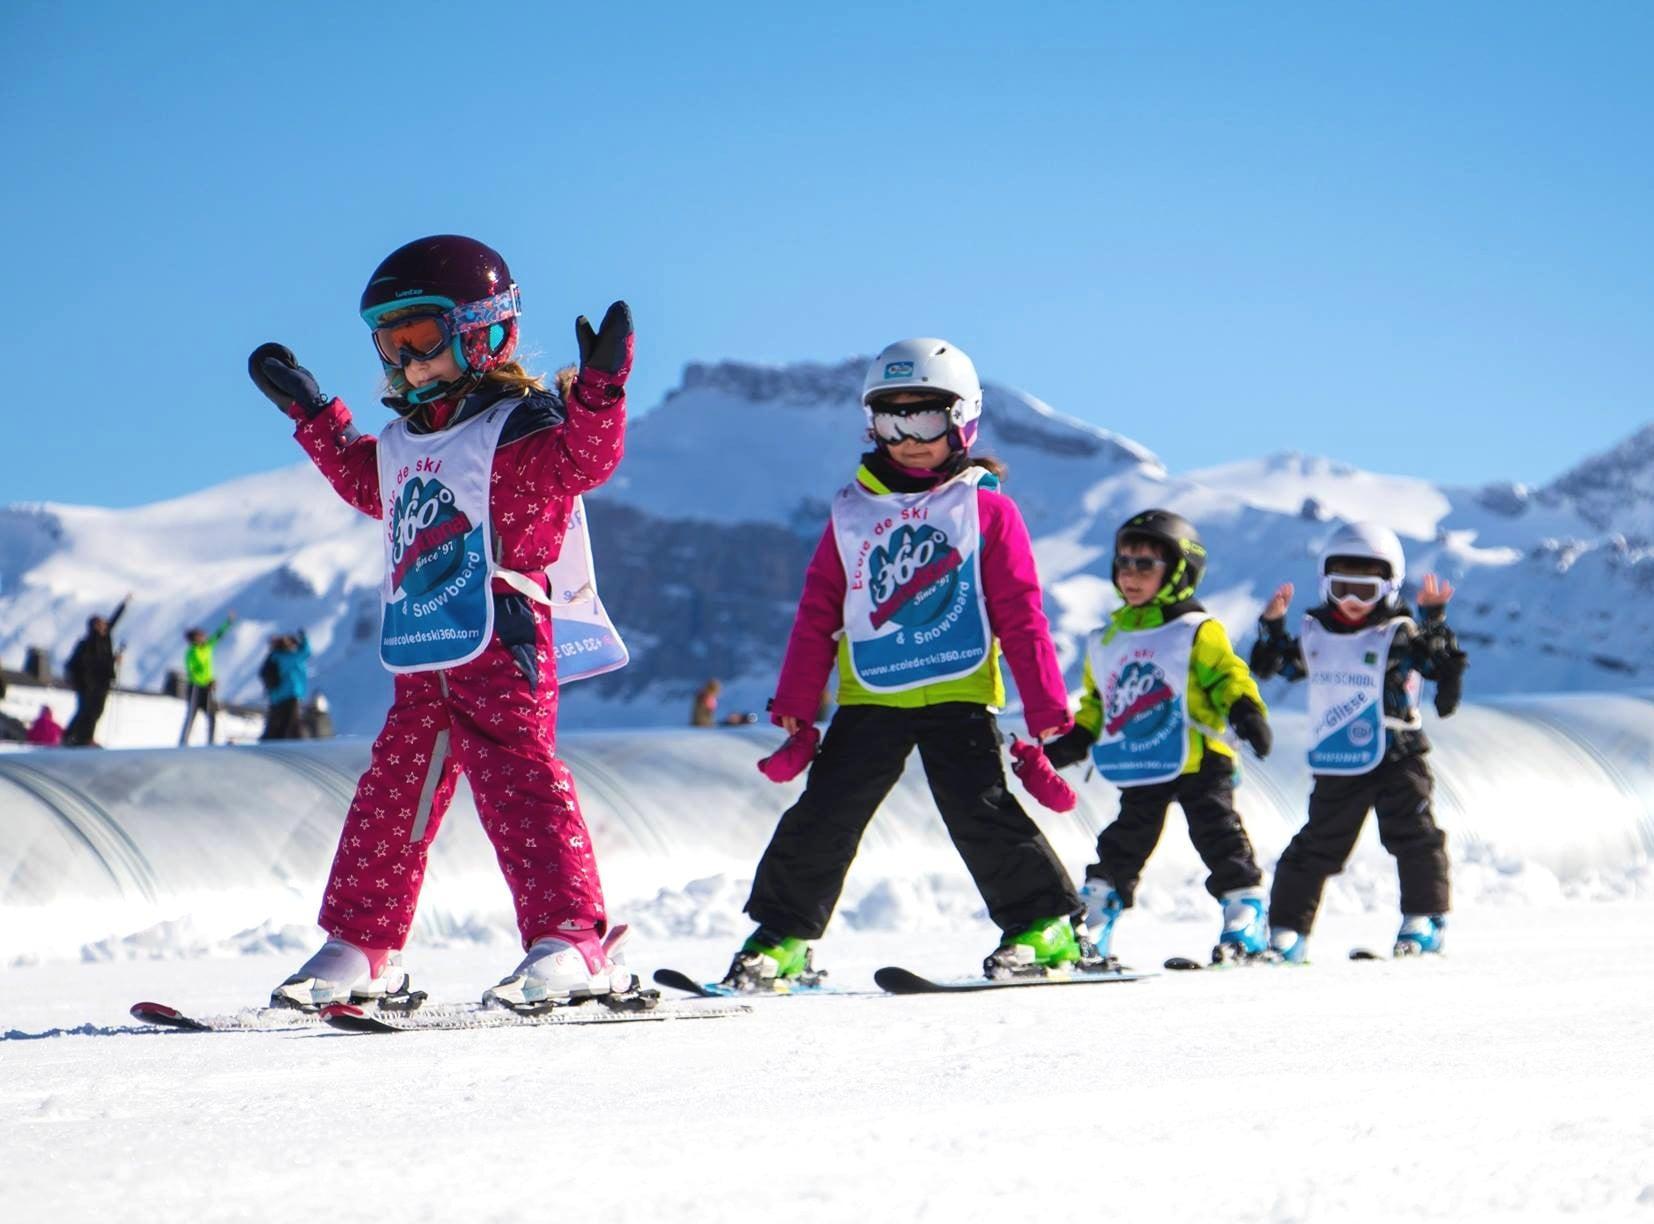 1er Cours de ski Enfants (4-8 ans) - Haute saison - Matin